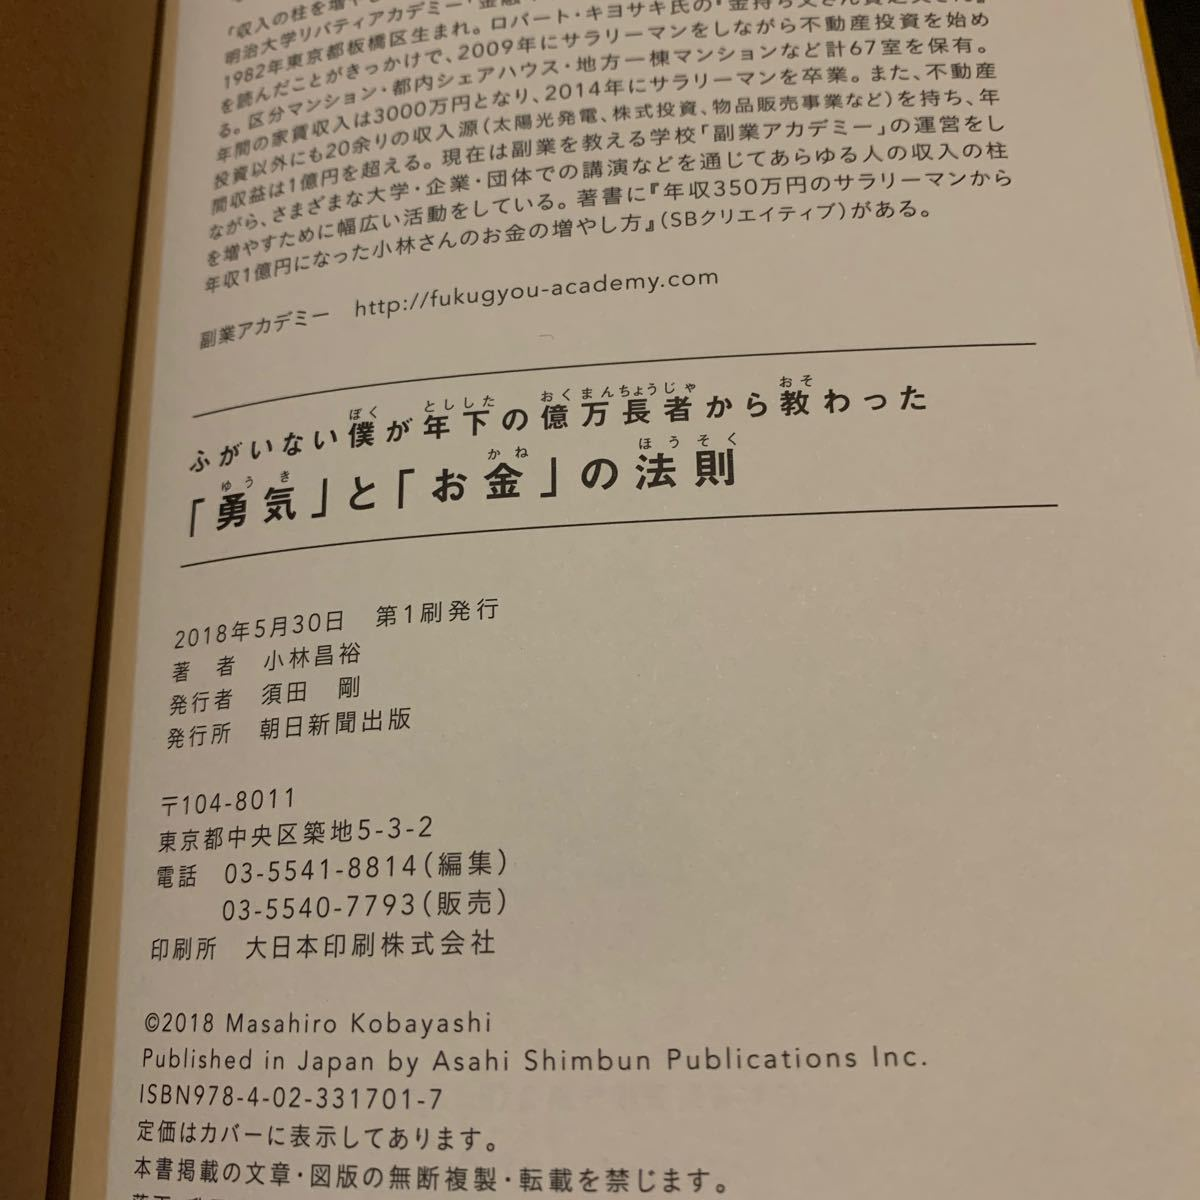 ◆本◆ ふがいない僕が年下の億万長者から教わった「勇気」と「お金」の法則 著者:小林昌裕